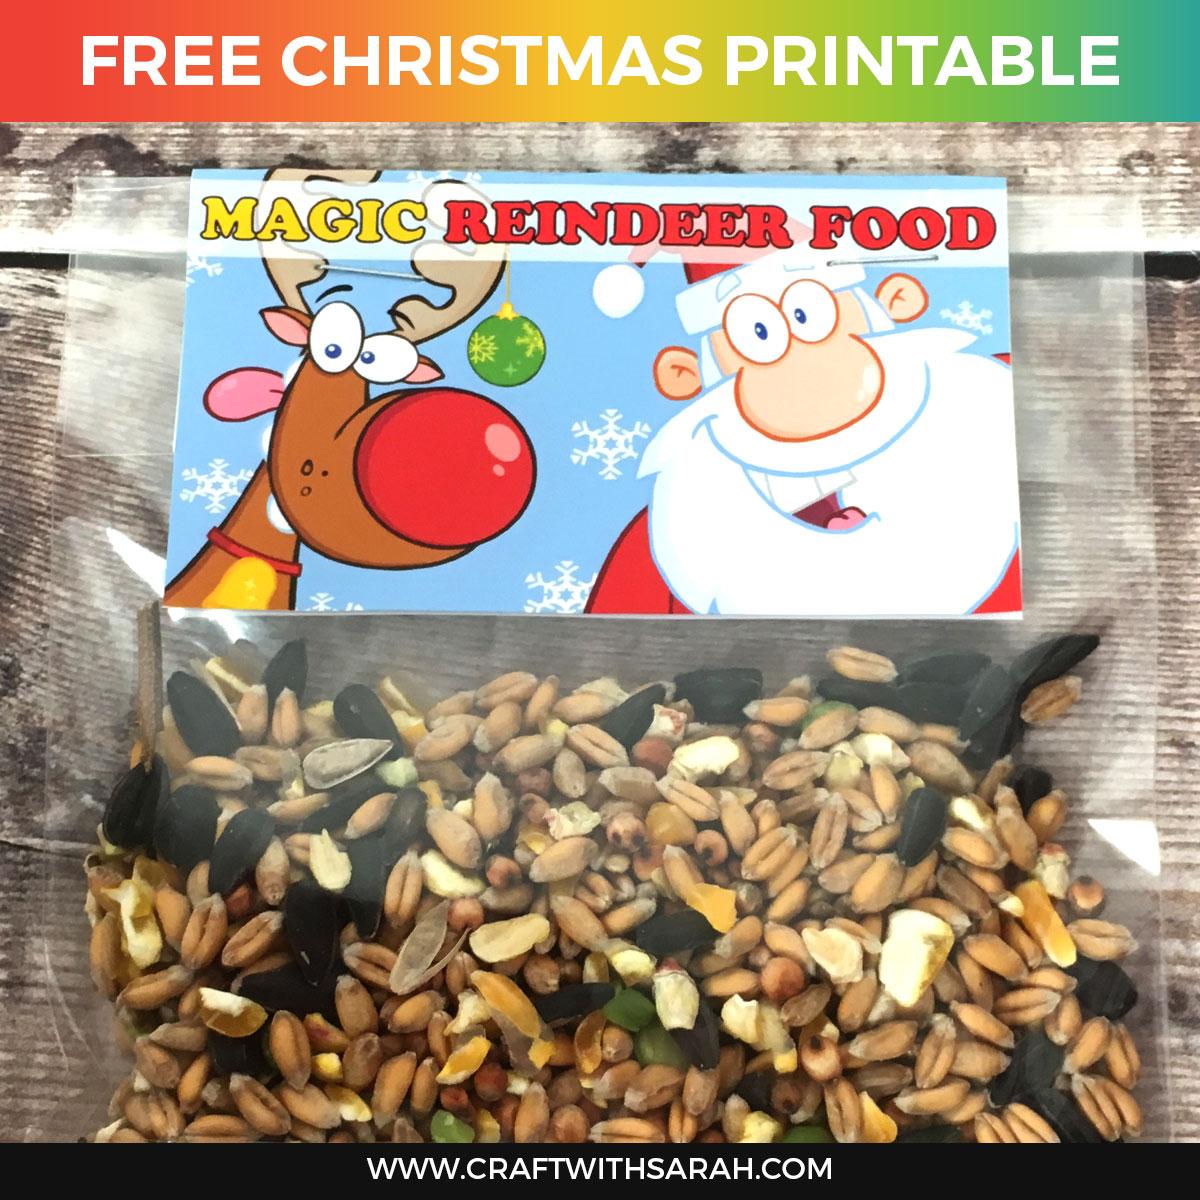 Magic Reindeer Food Printable